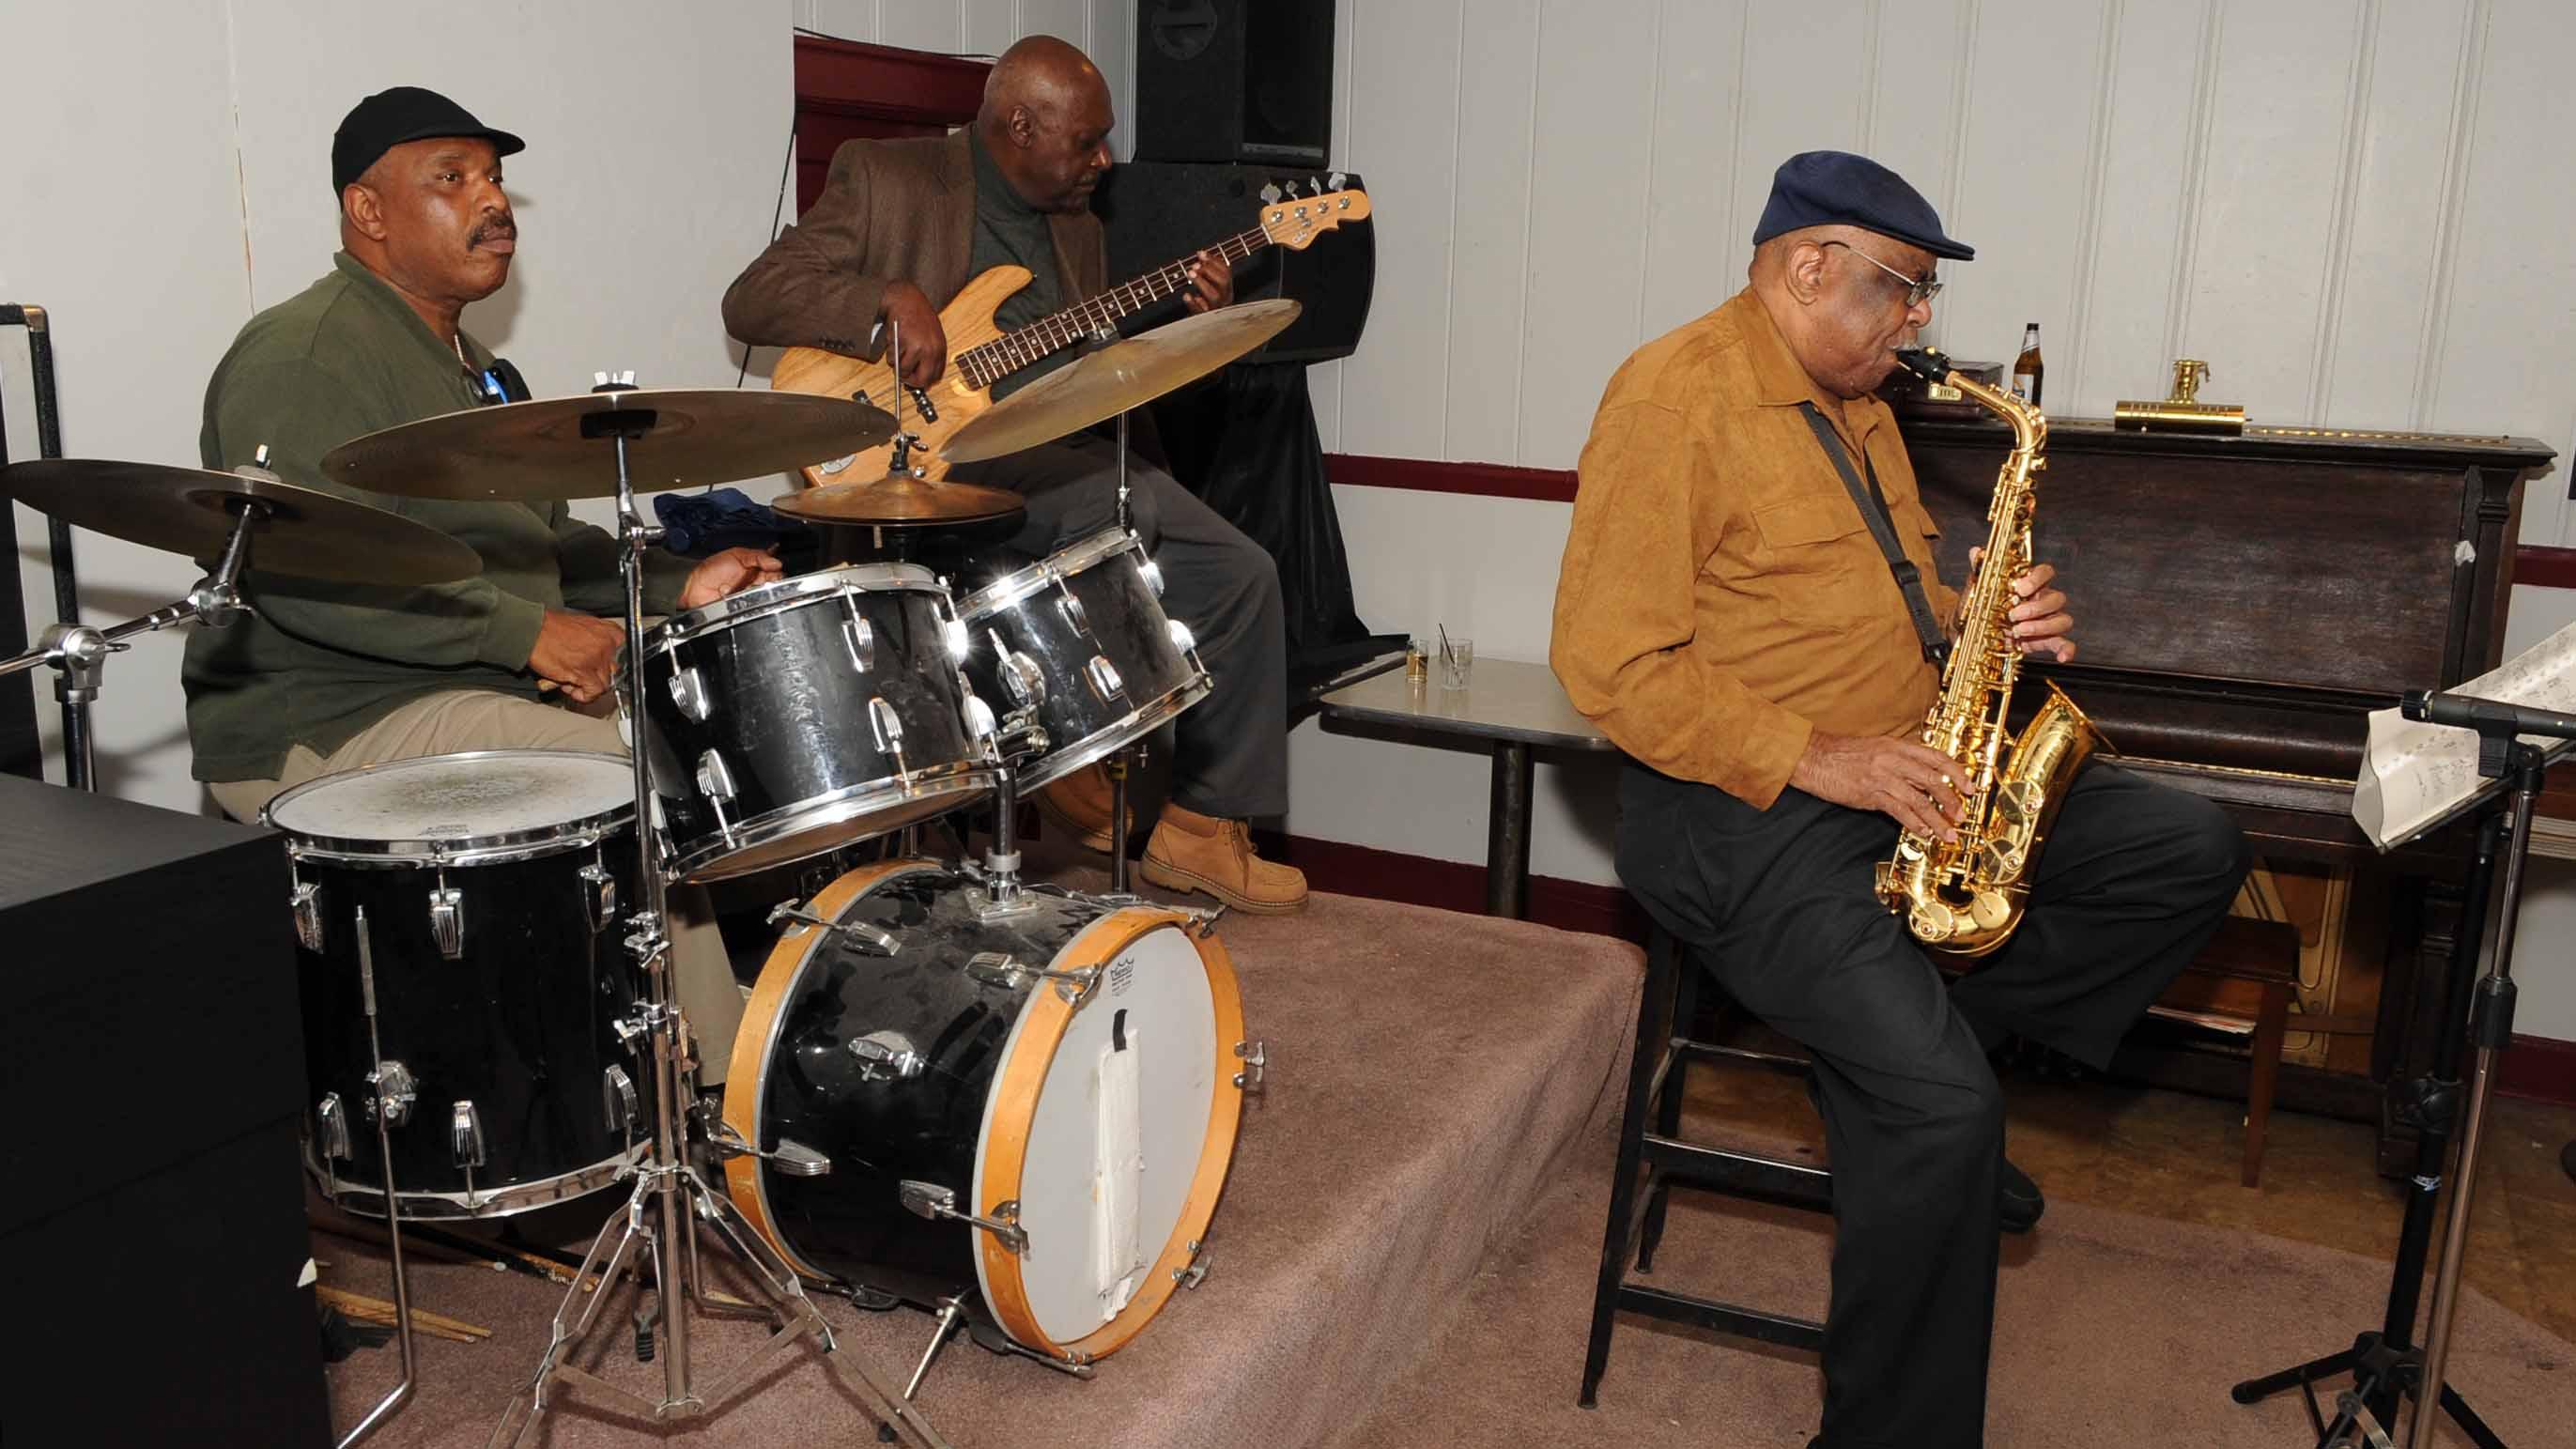 WBBZ-TV Celebrates the Colored Musicians Club 100th Anniversary